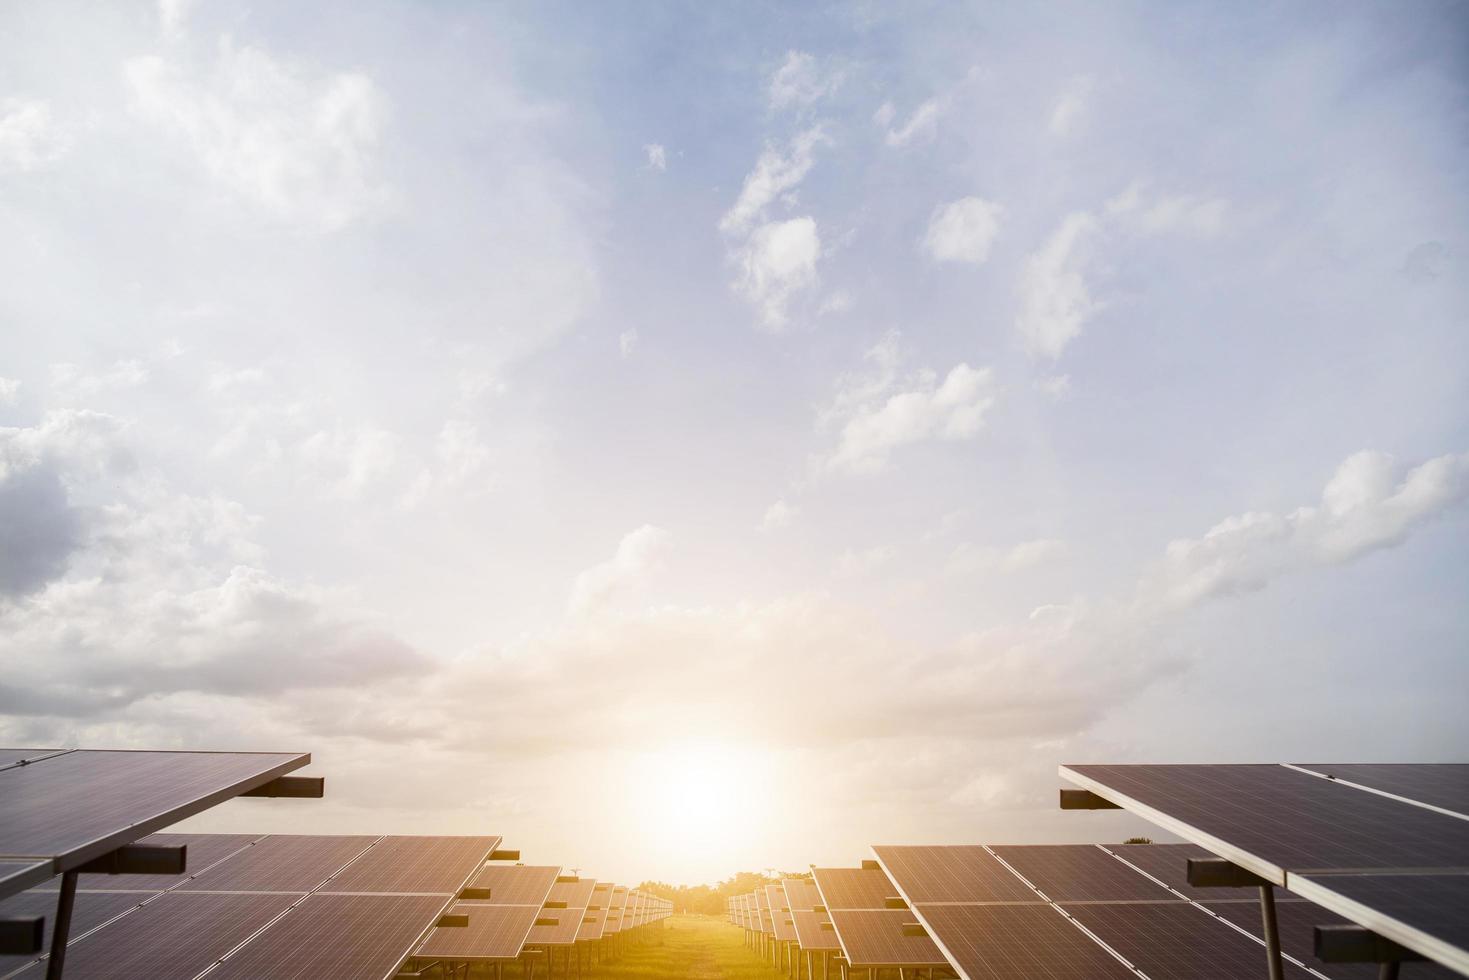 célula solar en el fondo del sol brillante foto